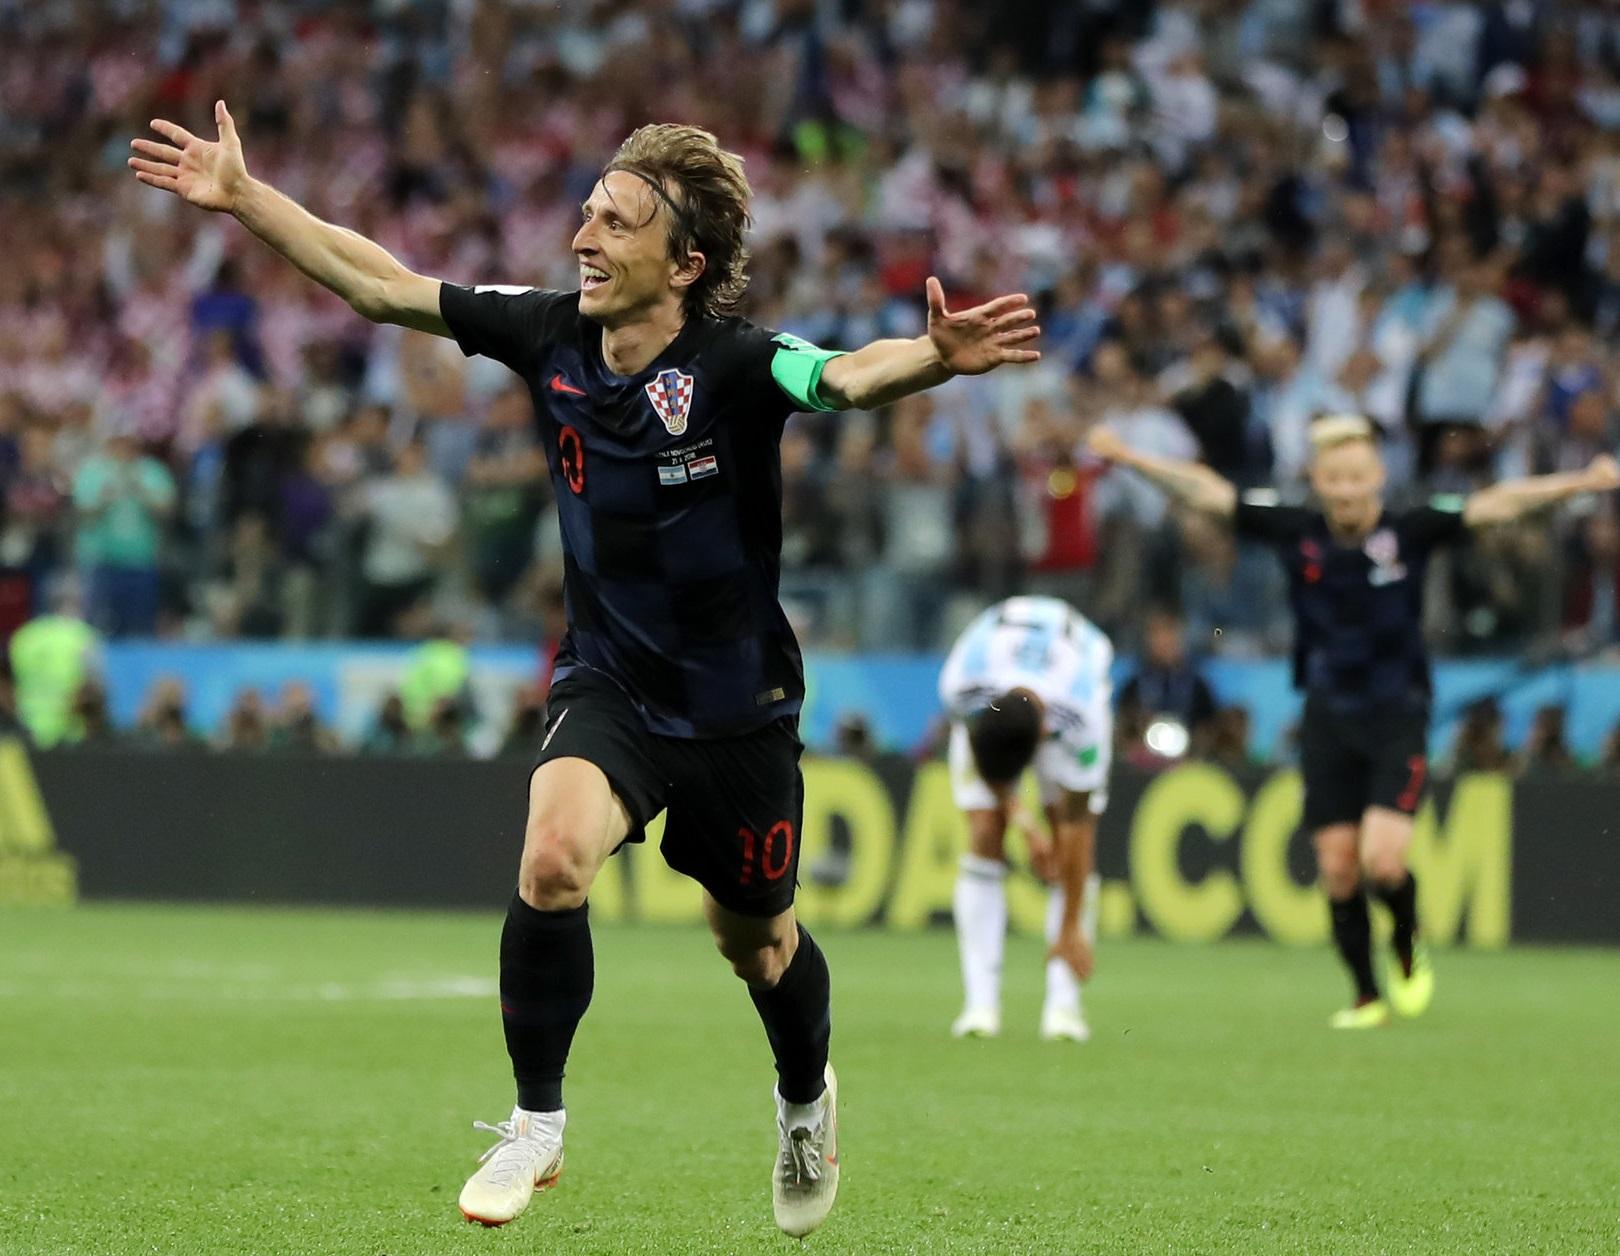 ارجنٹینا کو 0-3 سے شکست دے کر کروشیا ناک آؤٹ میں